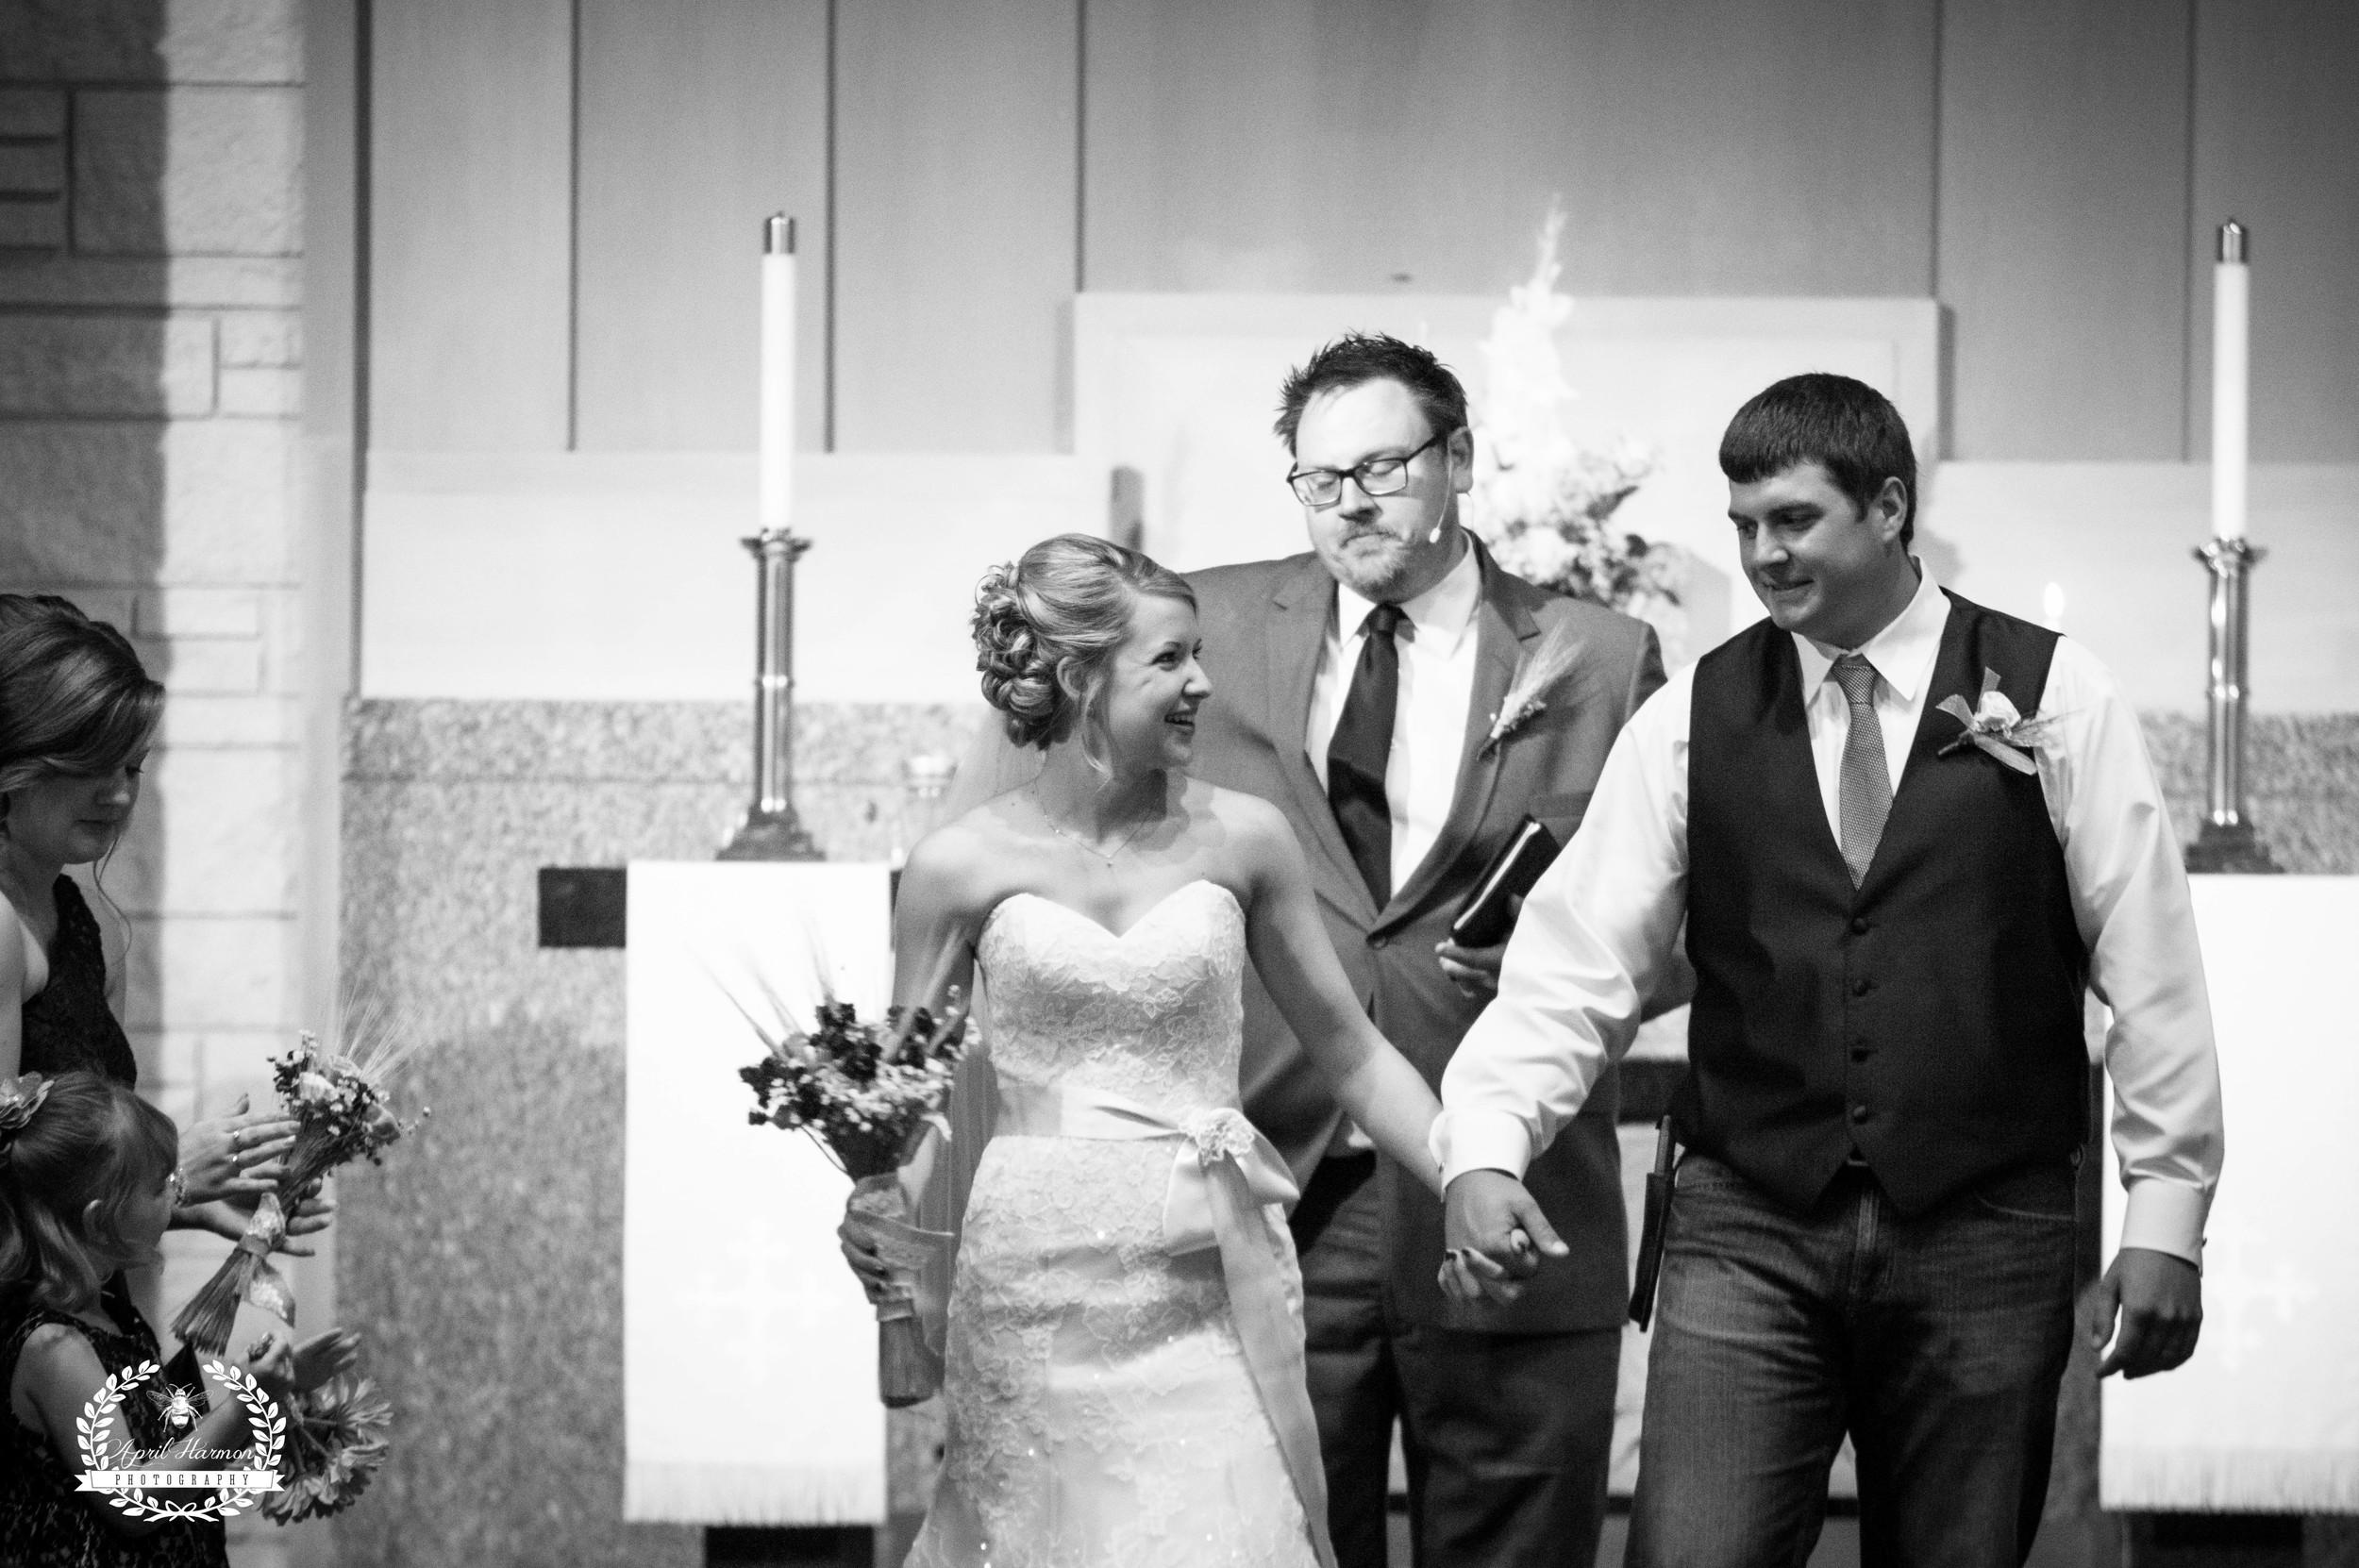 southwest kansas wedding photographysouthwest kansas wedding photography